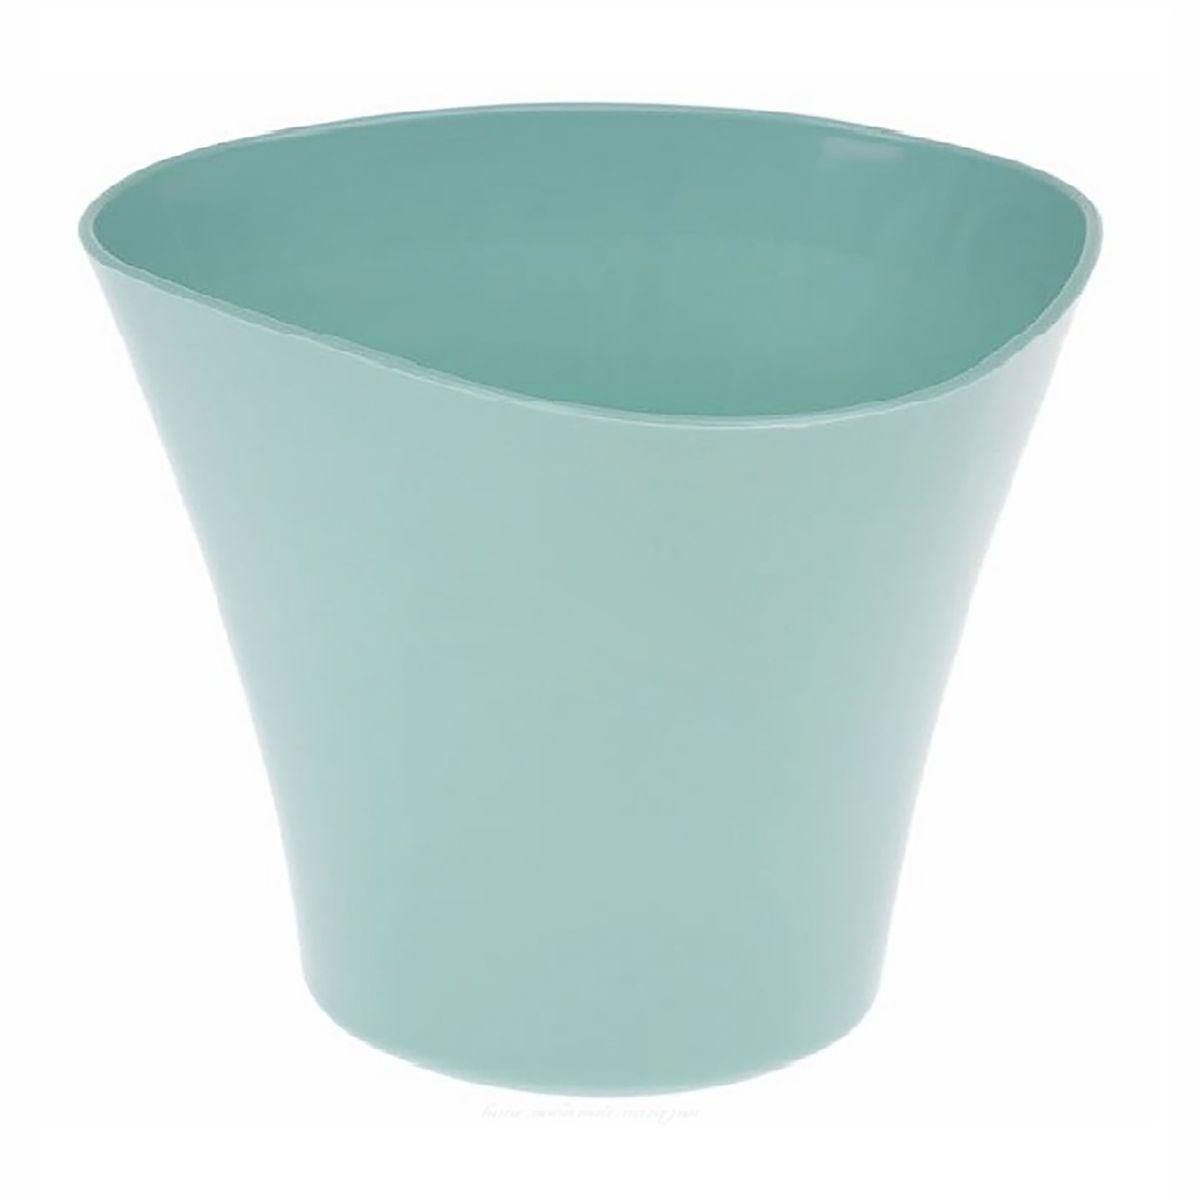 Кашпо JetPlast Волна, цвет: нефритовый, 600 мл531-101Кашпо Волна имеет уникальную форму, сочетающуюся как с классическим, так и с современным дизайном интерьера. Оно изготовлено из прочного полипропилена (пластика) и предназначено для выращивания растений, цветов и трав в домашних условиях. Такое кашпо порадует вас функциональностью, а благодаря лаконичному дизайну впишется в любой интерьер помещения. Объем кашпо: 600 мл.